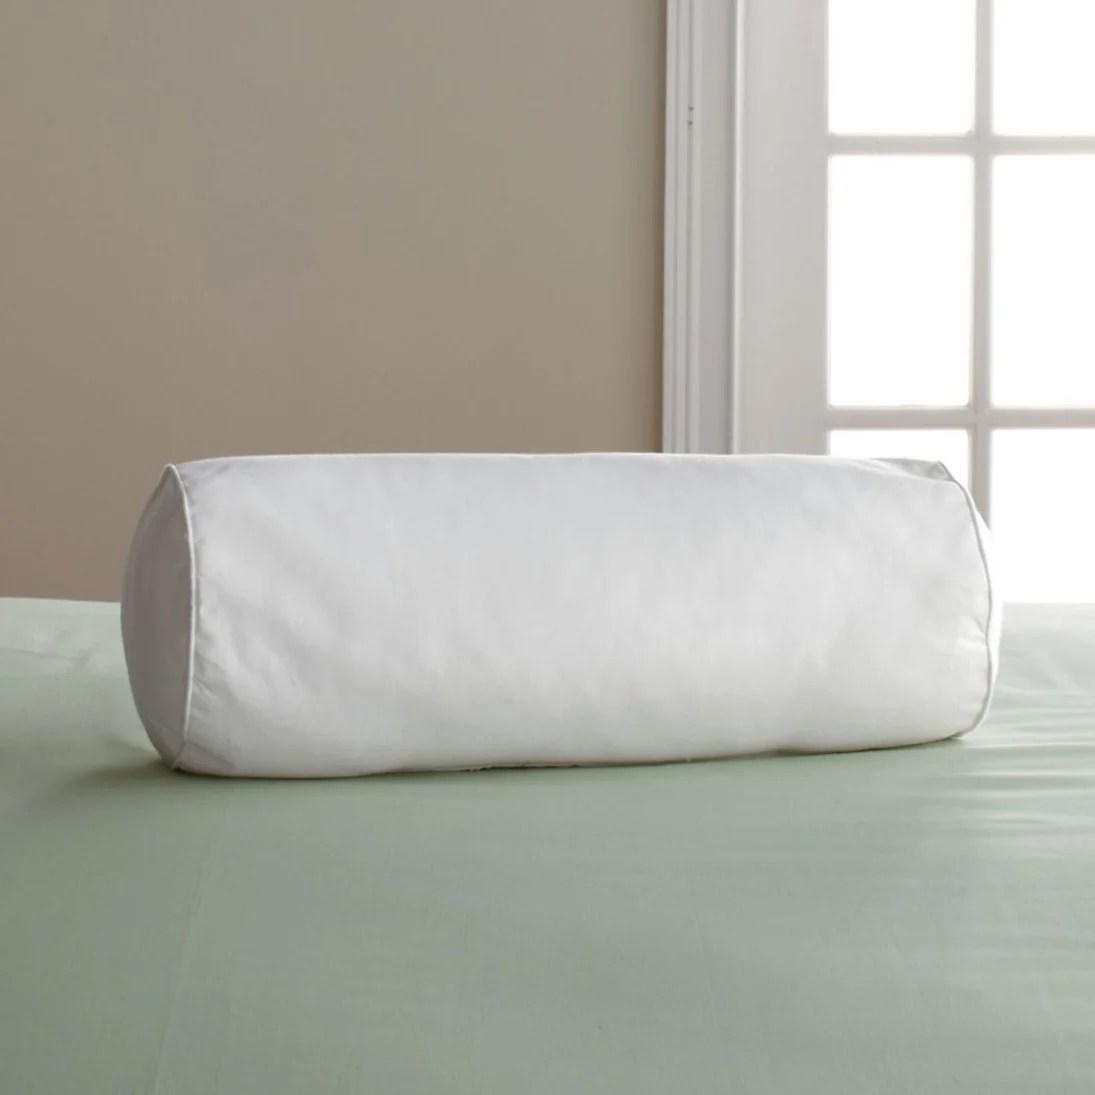 company down free medium density bolster pillow insert white